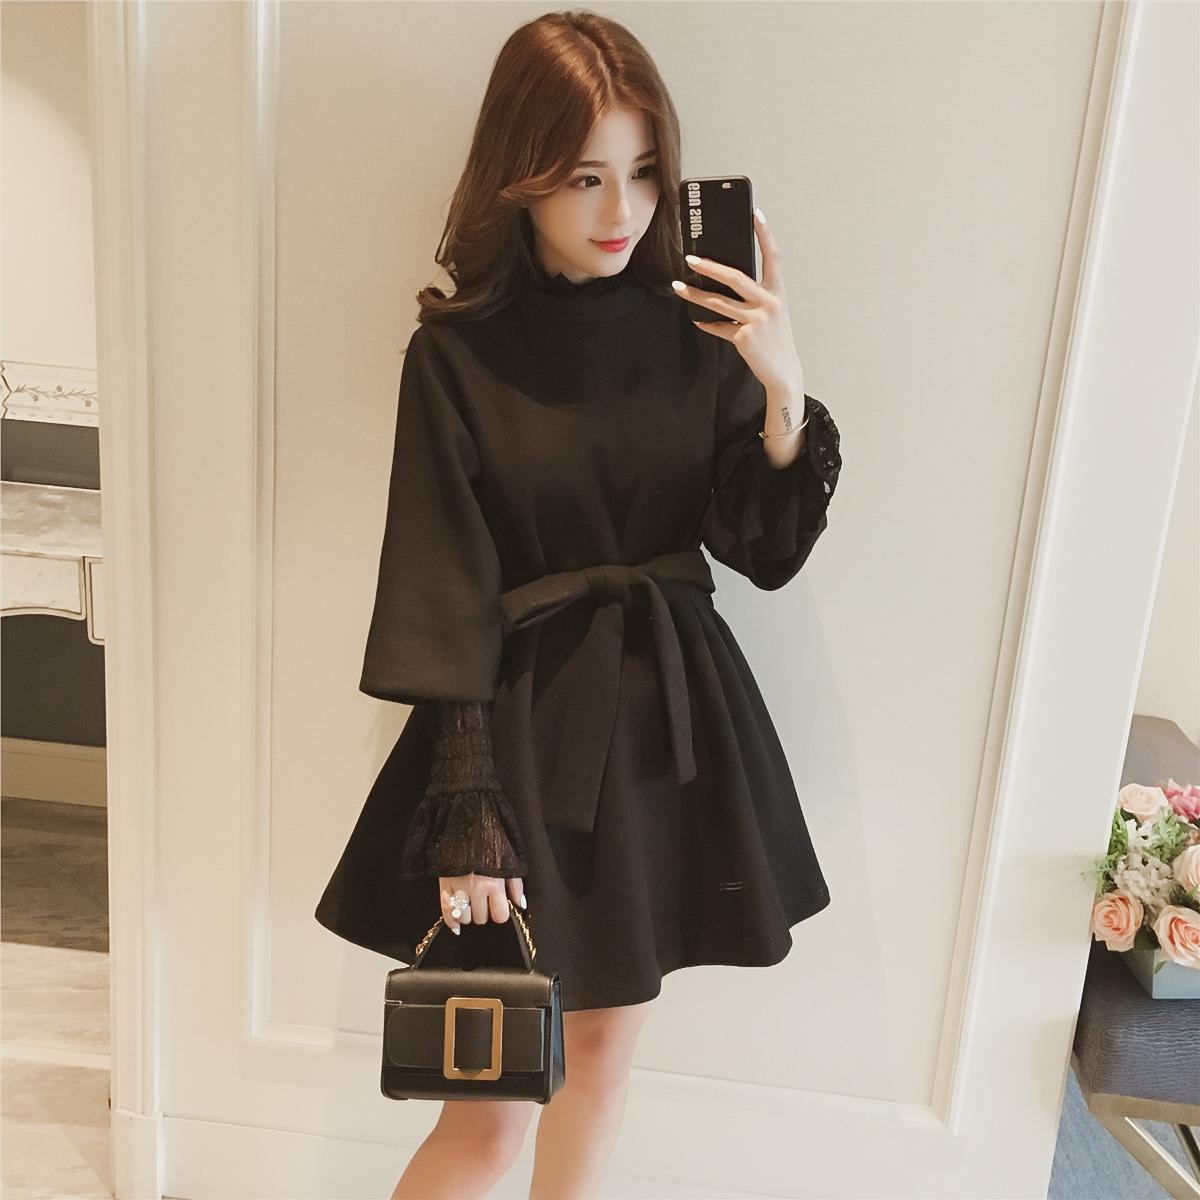 2017冬季新款韩版七分袖黑色毛呢连衣裙女装系带收腰a字娃娃裙潮